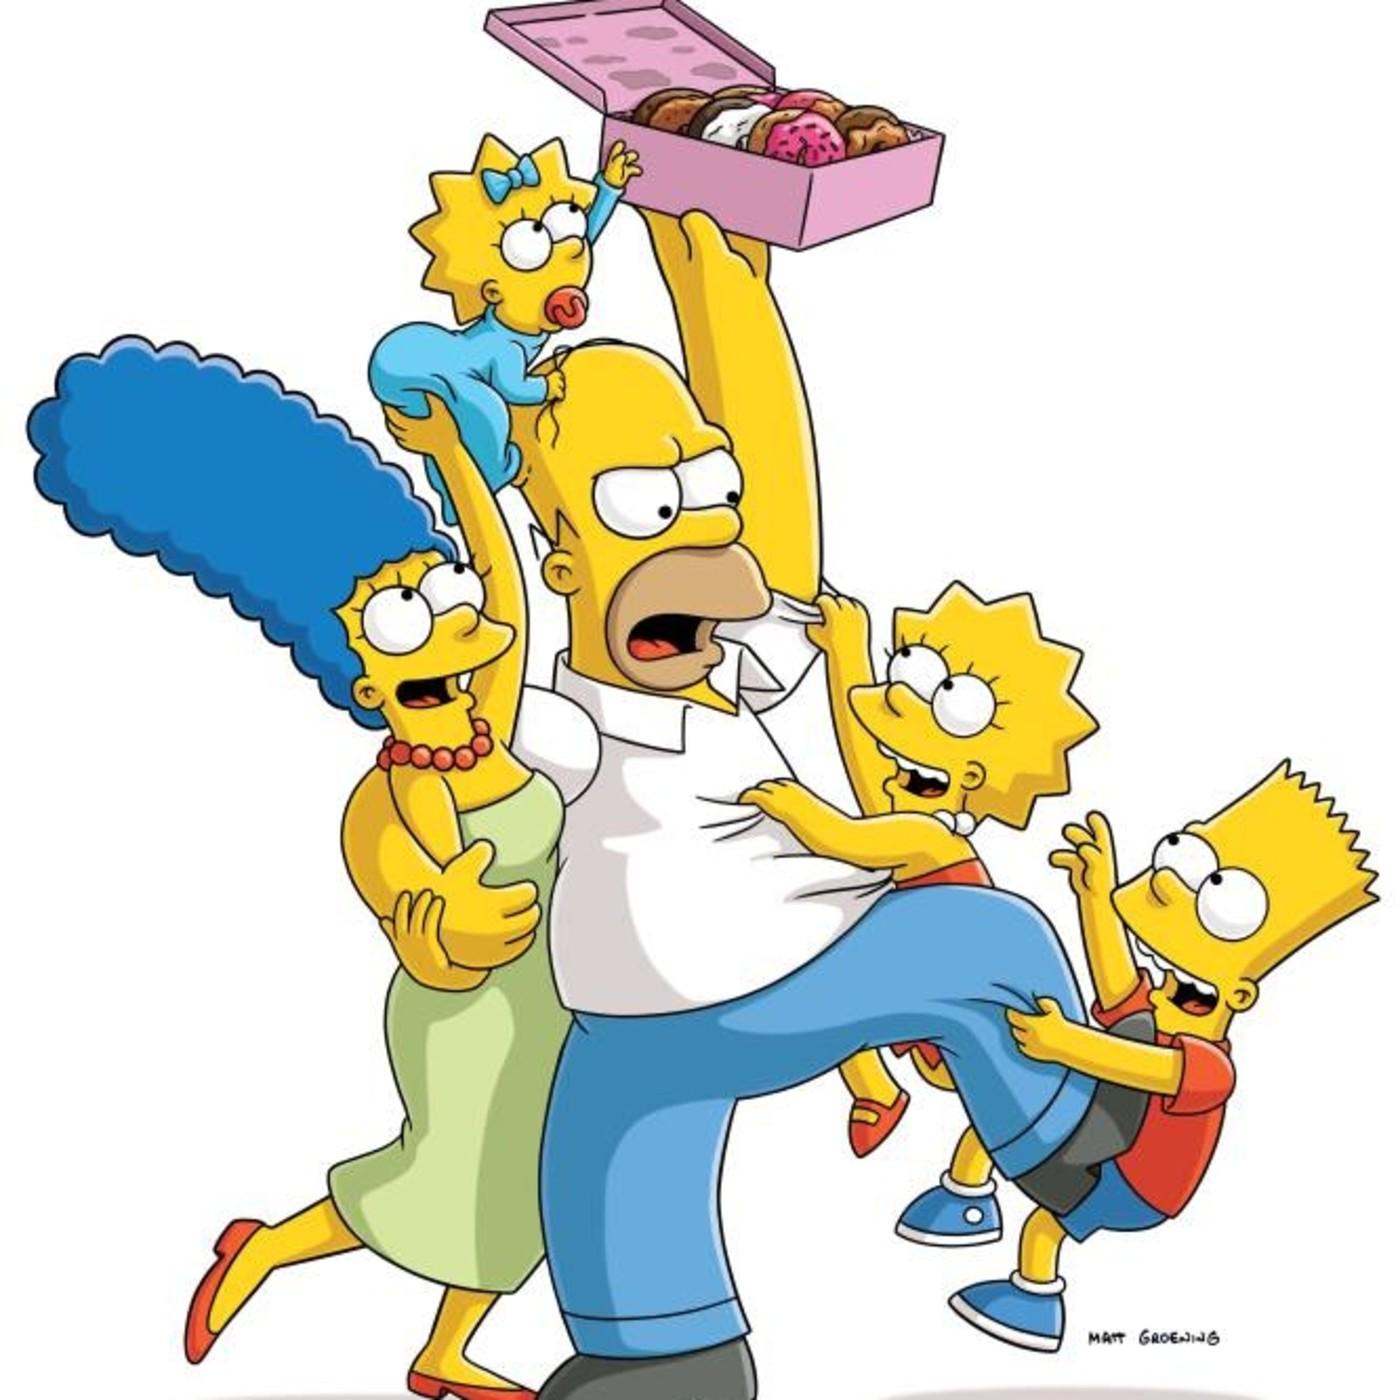 Los Simpson T 20 ep. 17, 18 (2009) #Animación #Comedia #Familia #peliculas #audesc #podcast